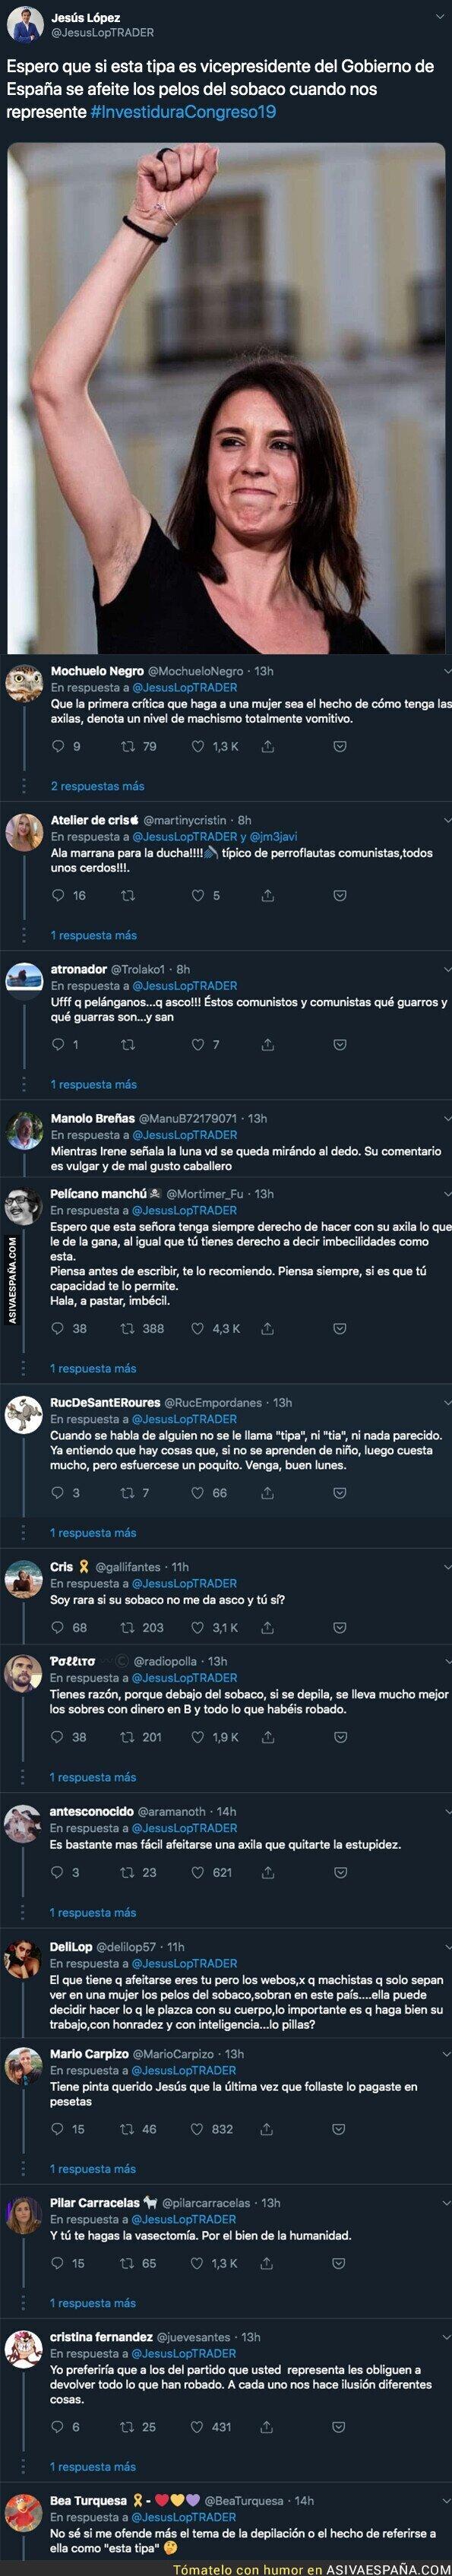 117035 - Indignación total por el comentario vomitivo hacia Irene Montero del Portavoz del PP en Barajas de Melo (Cuenca)